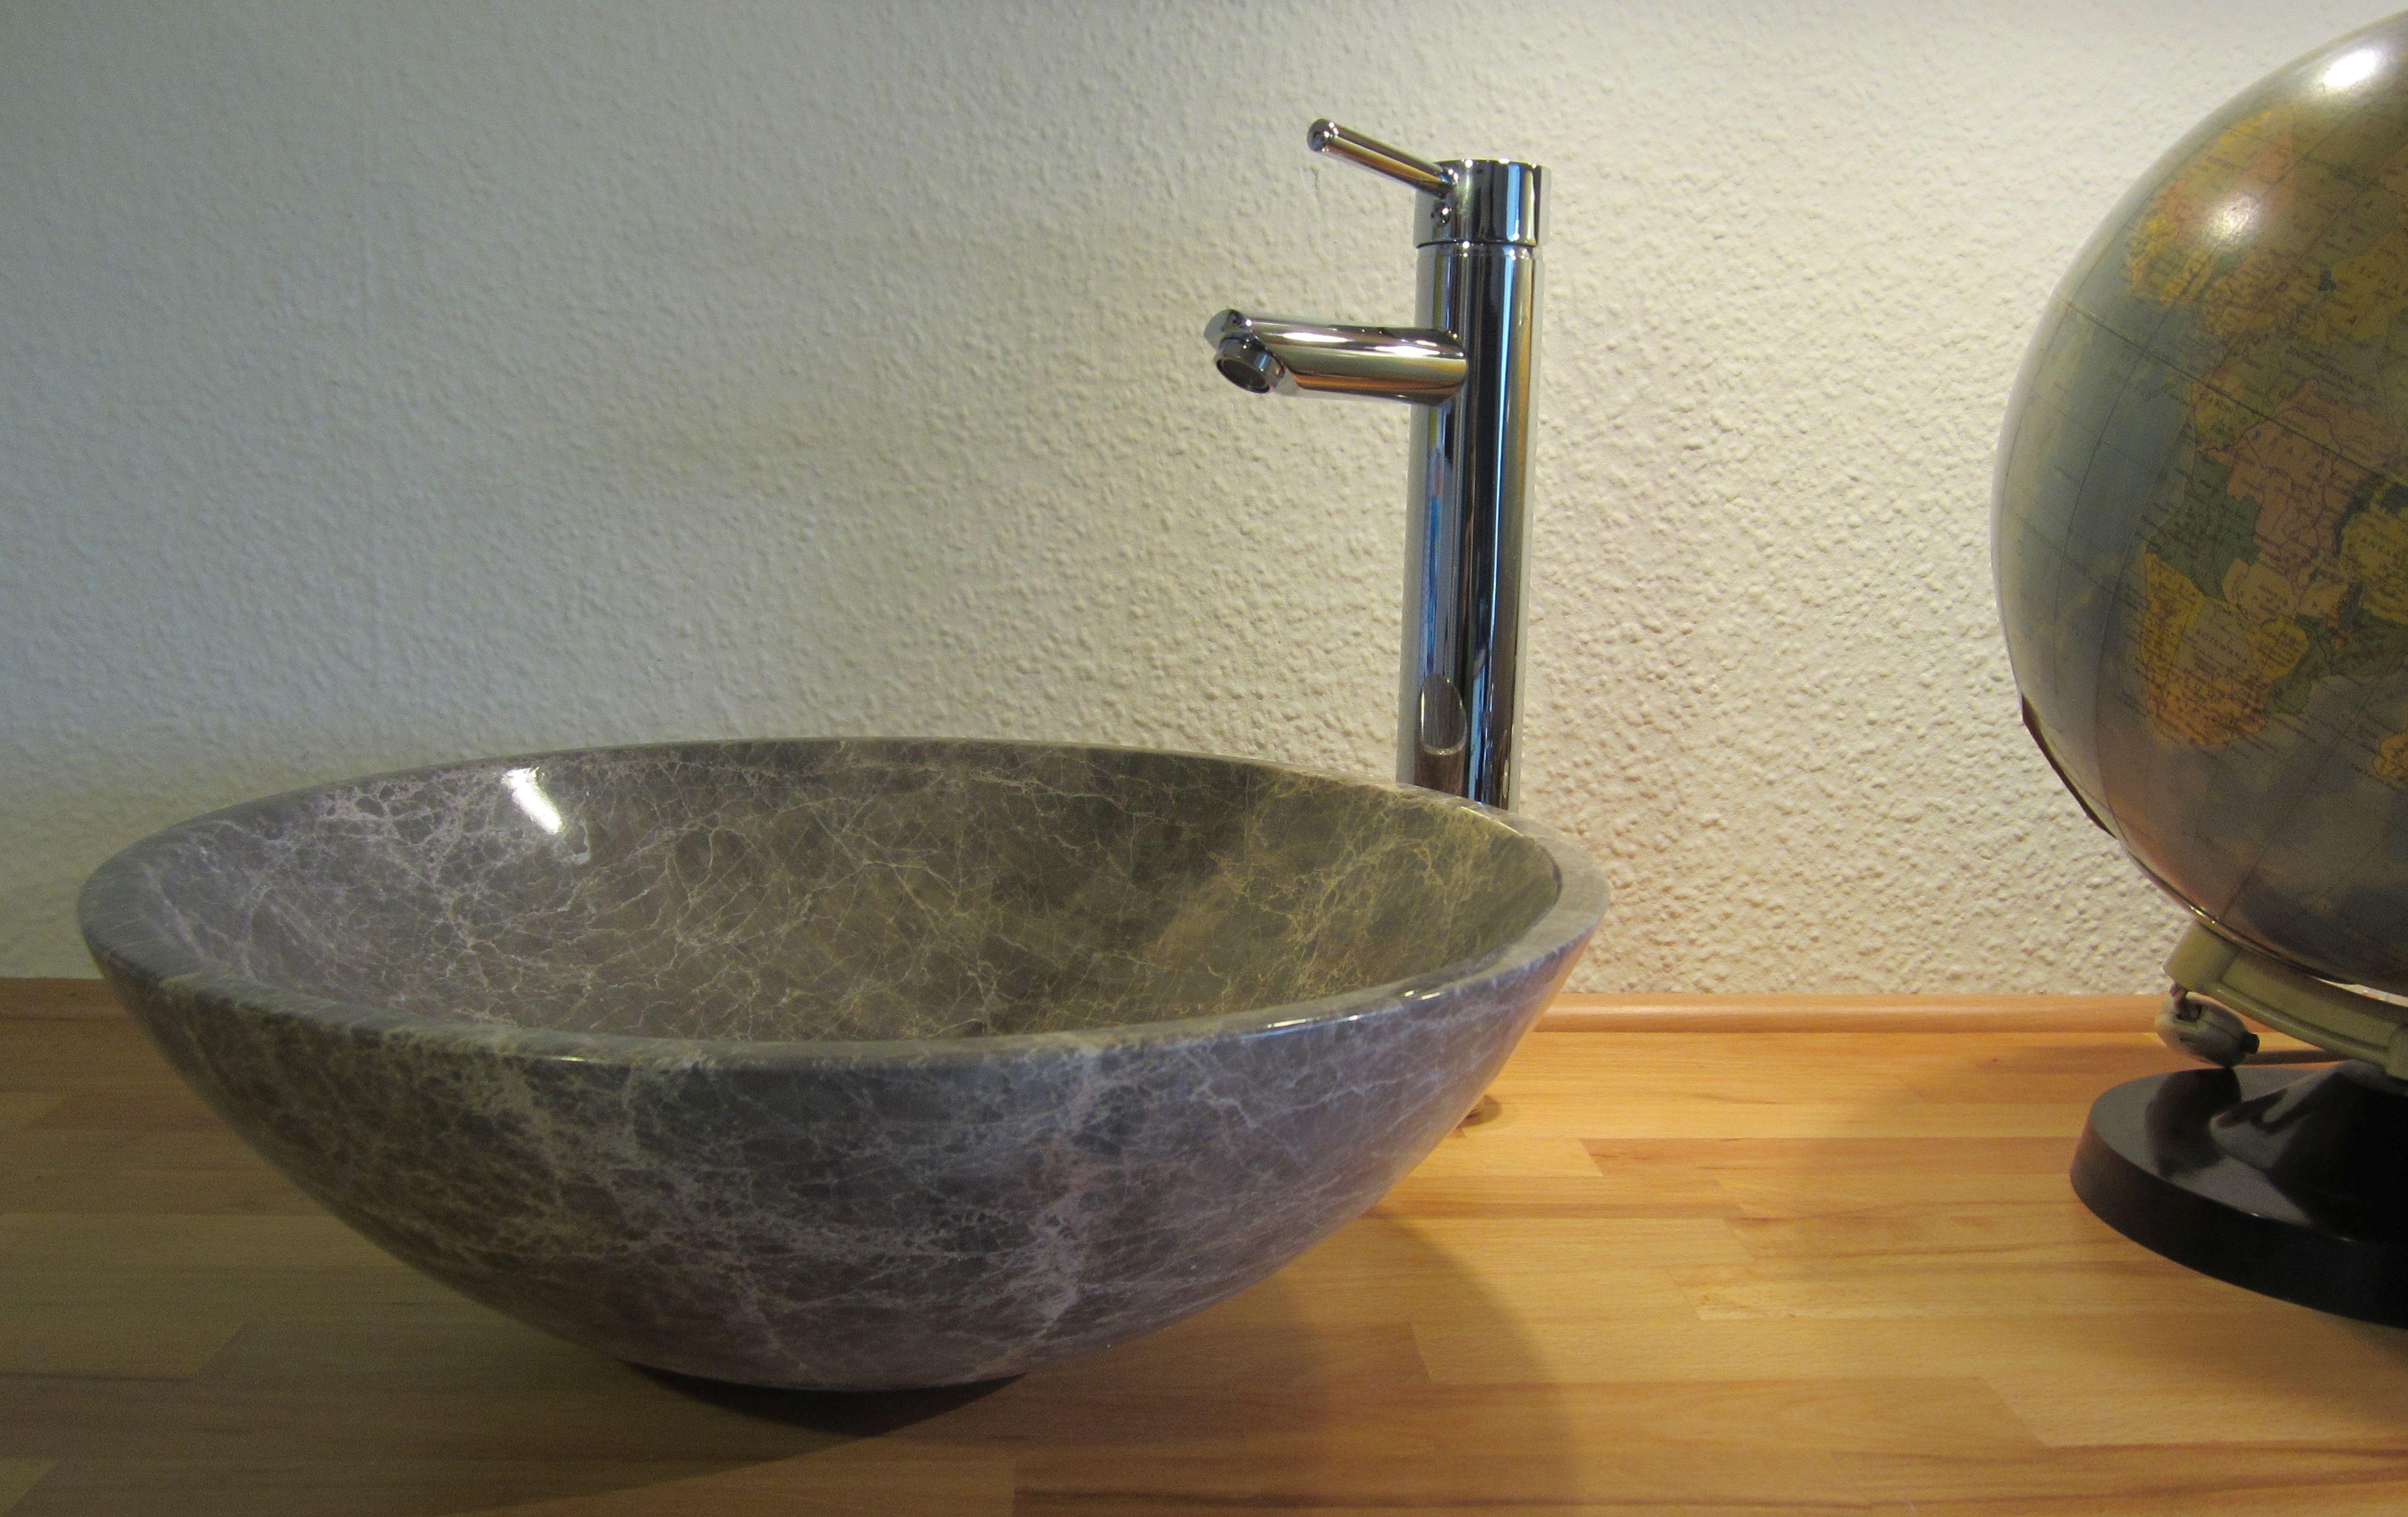 Waschbecken rund stein  Waschbecken Rund Aufsatz | gispatcher.com